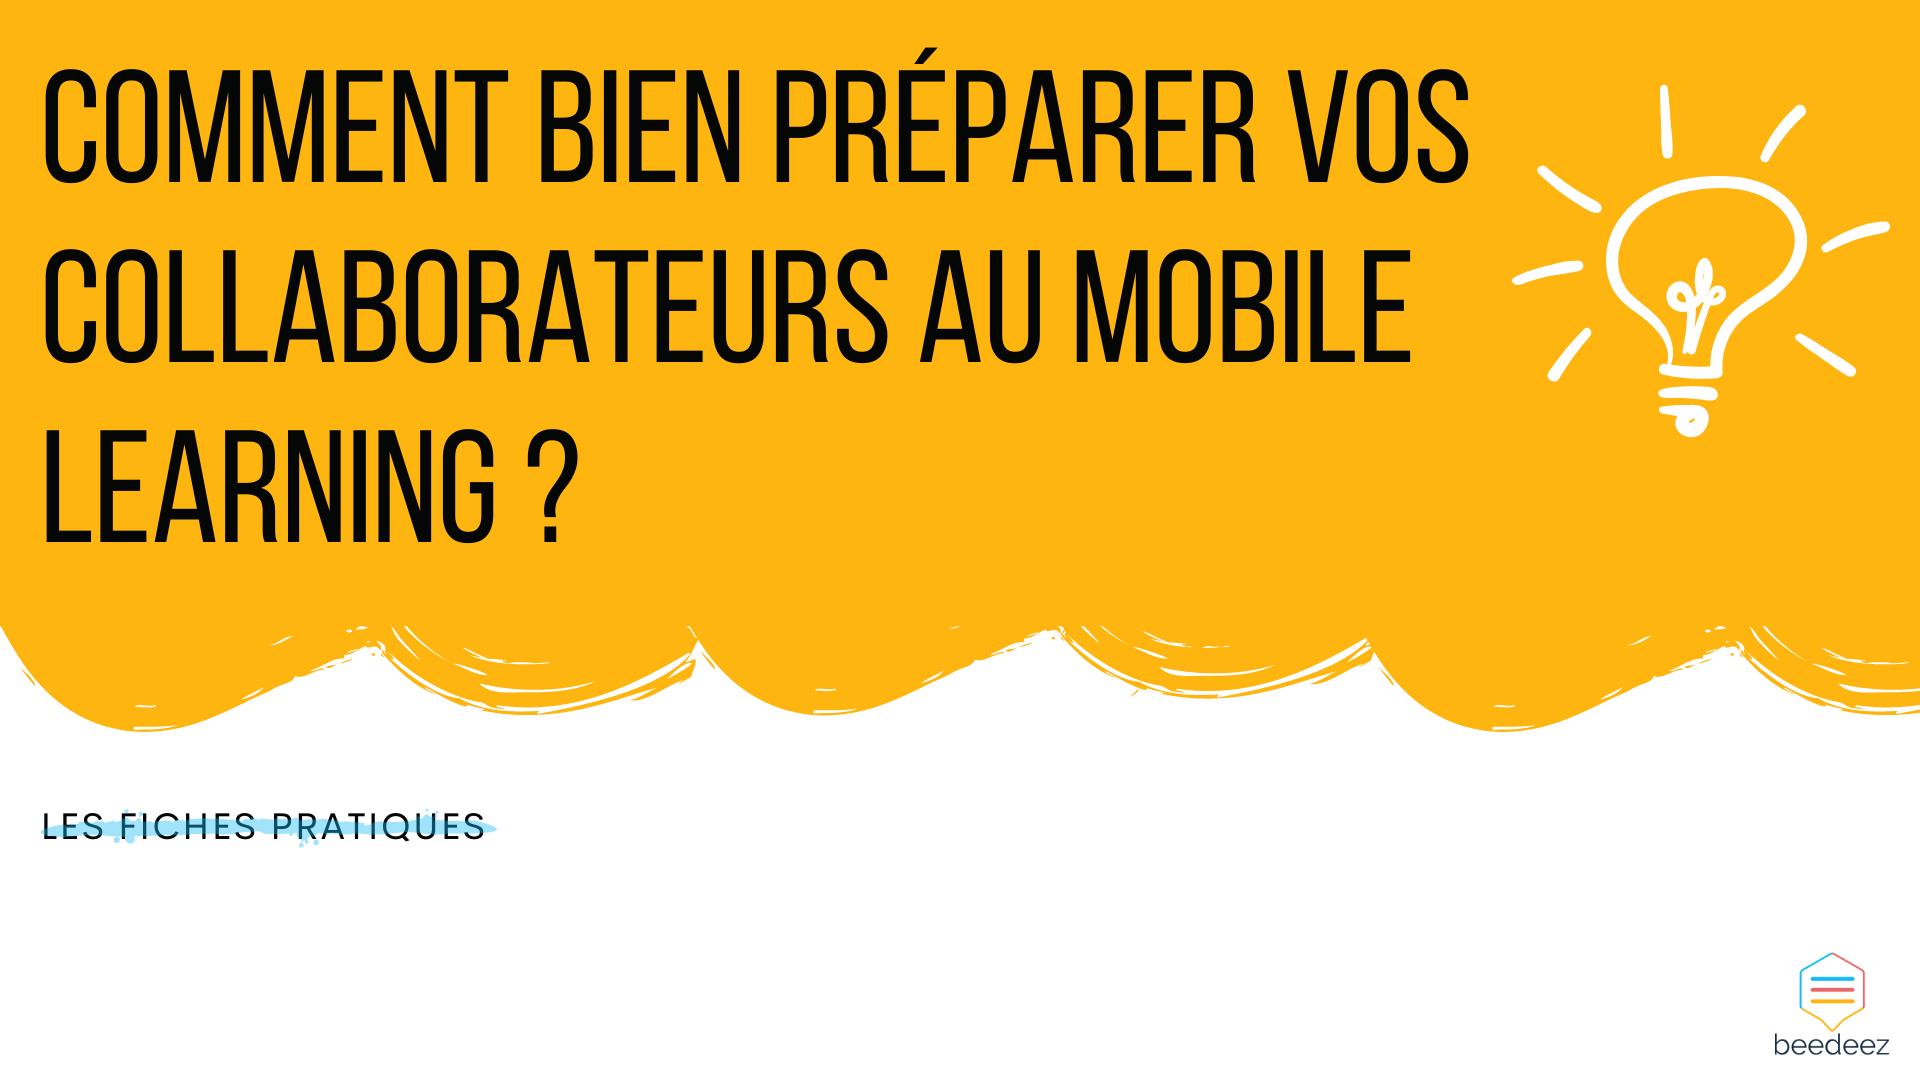 Comment bien préparer vos collaborateurs au Mobile Learning